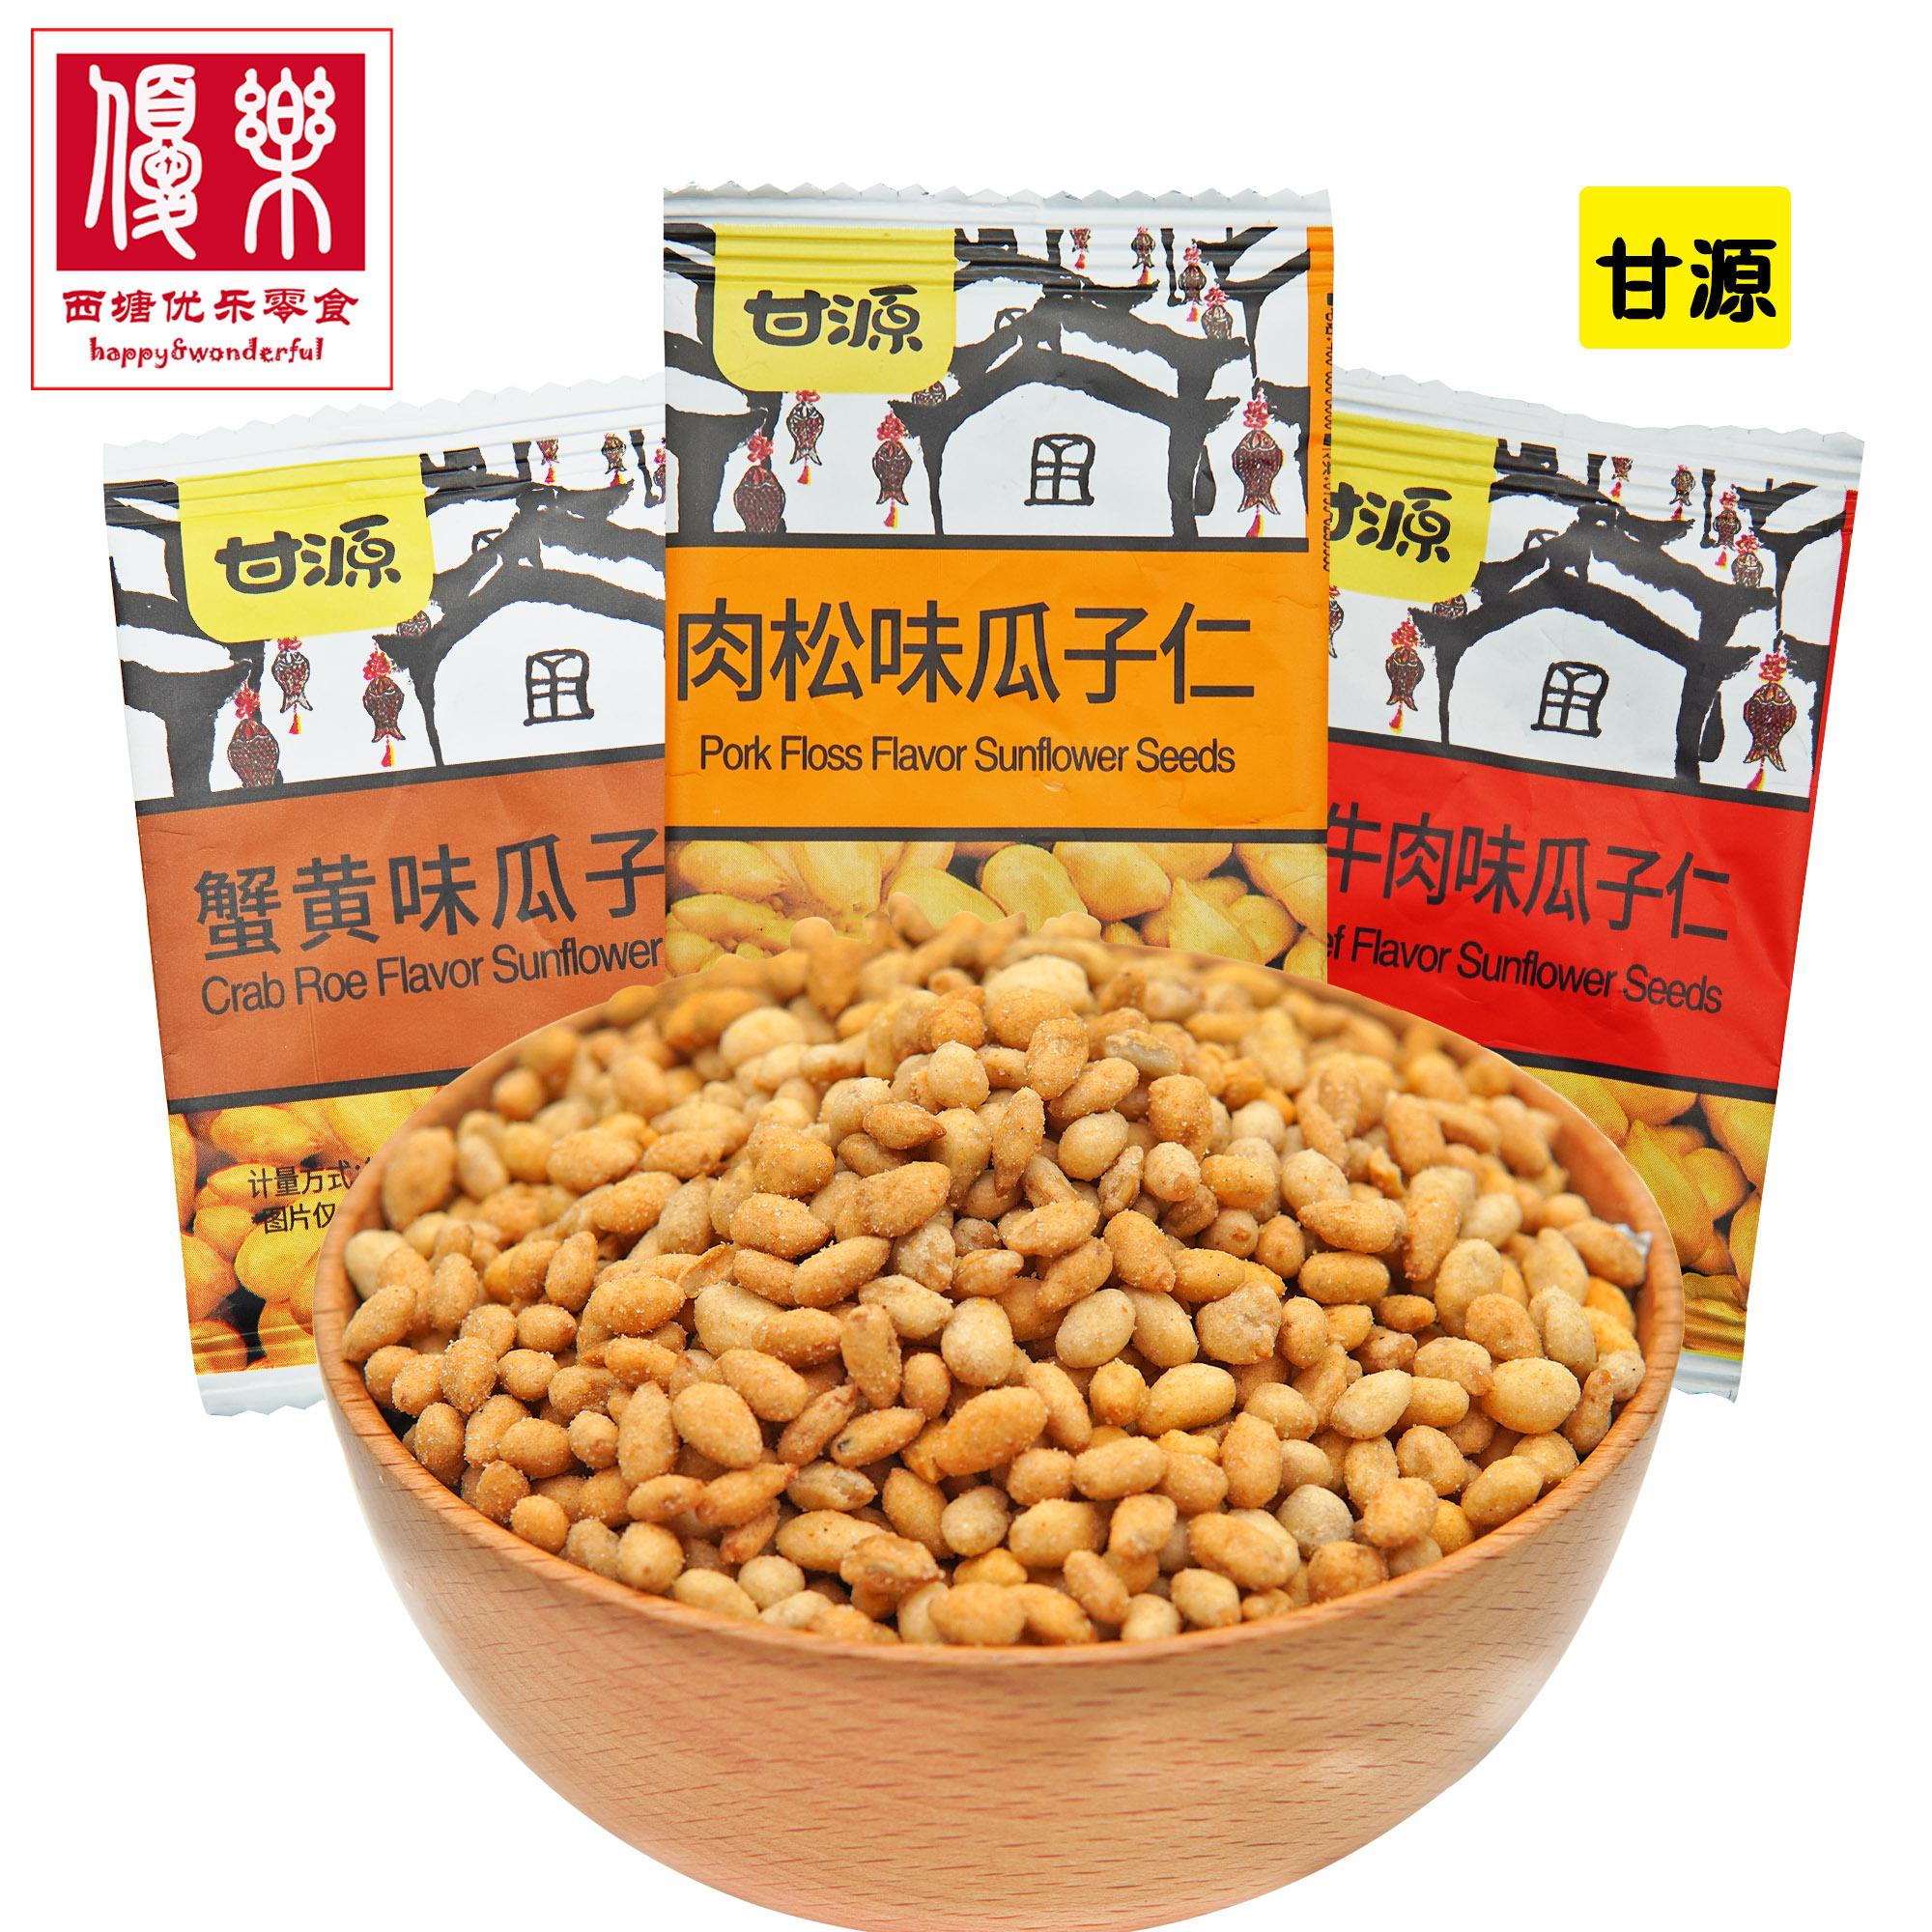 甘源蟹黄酱汁牛肉味瓜子仁500g葵花子坚果炒货小包散称休闲零食